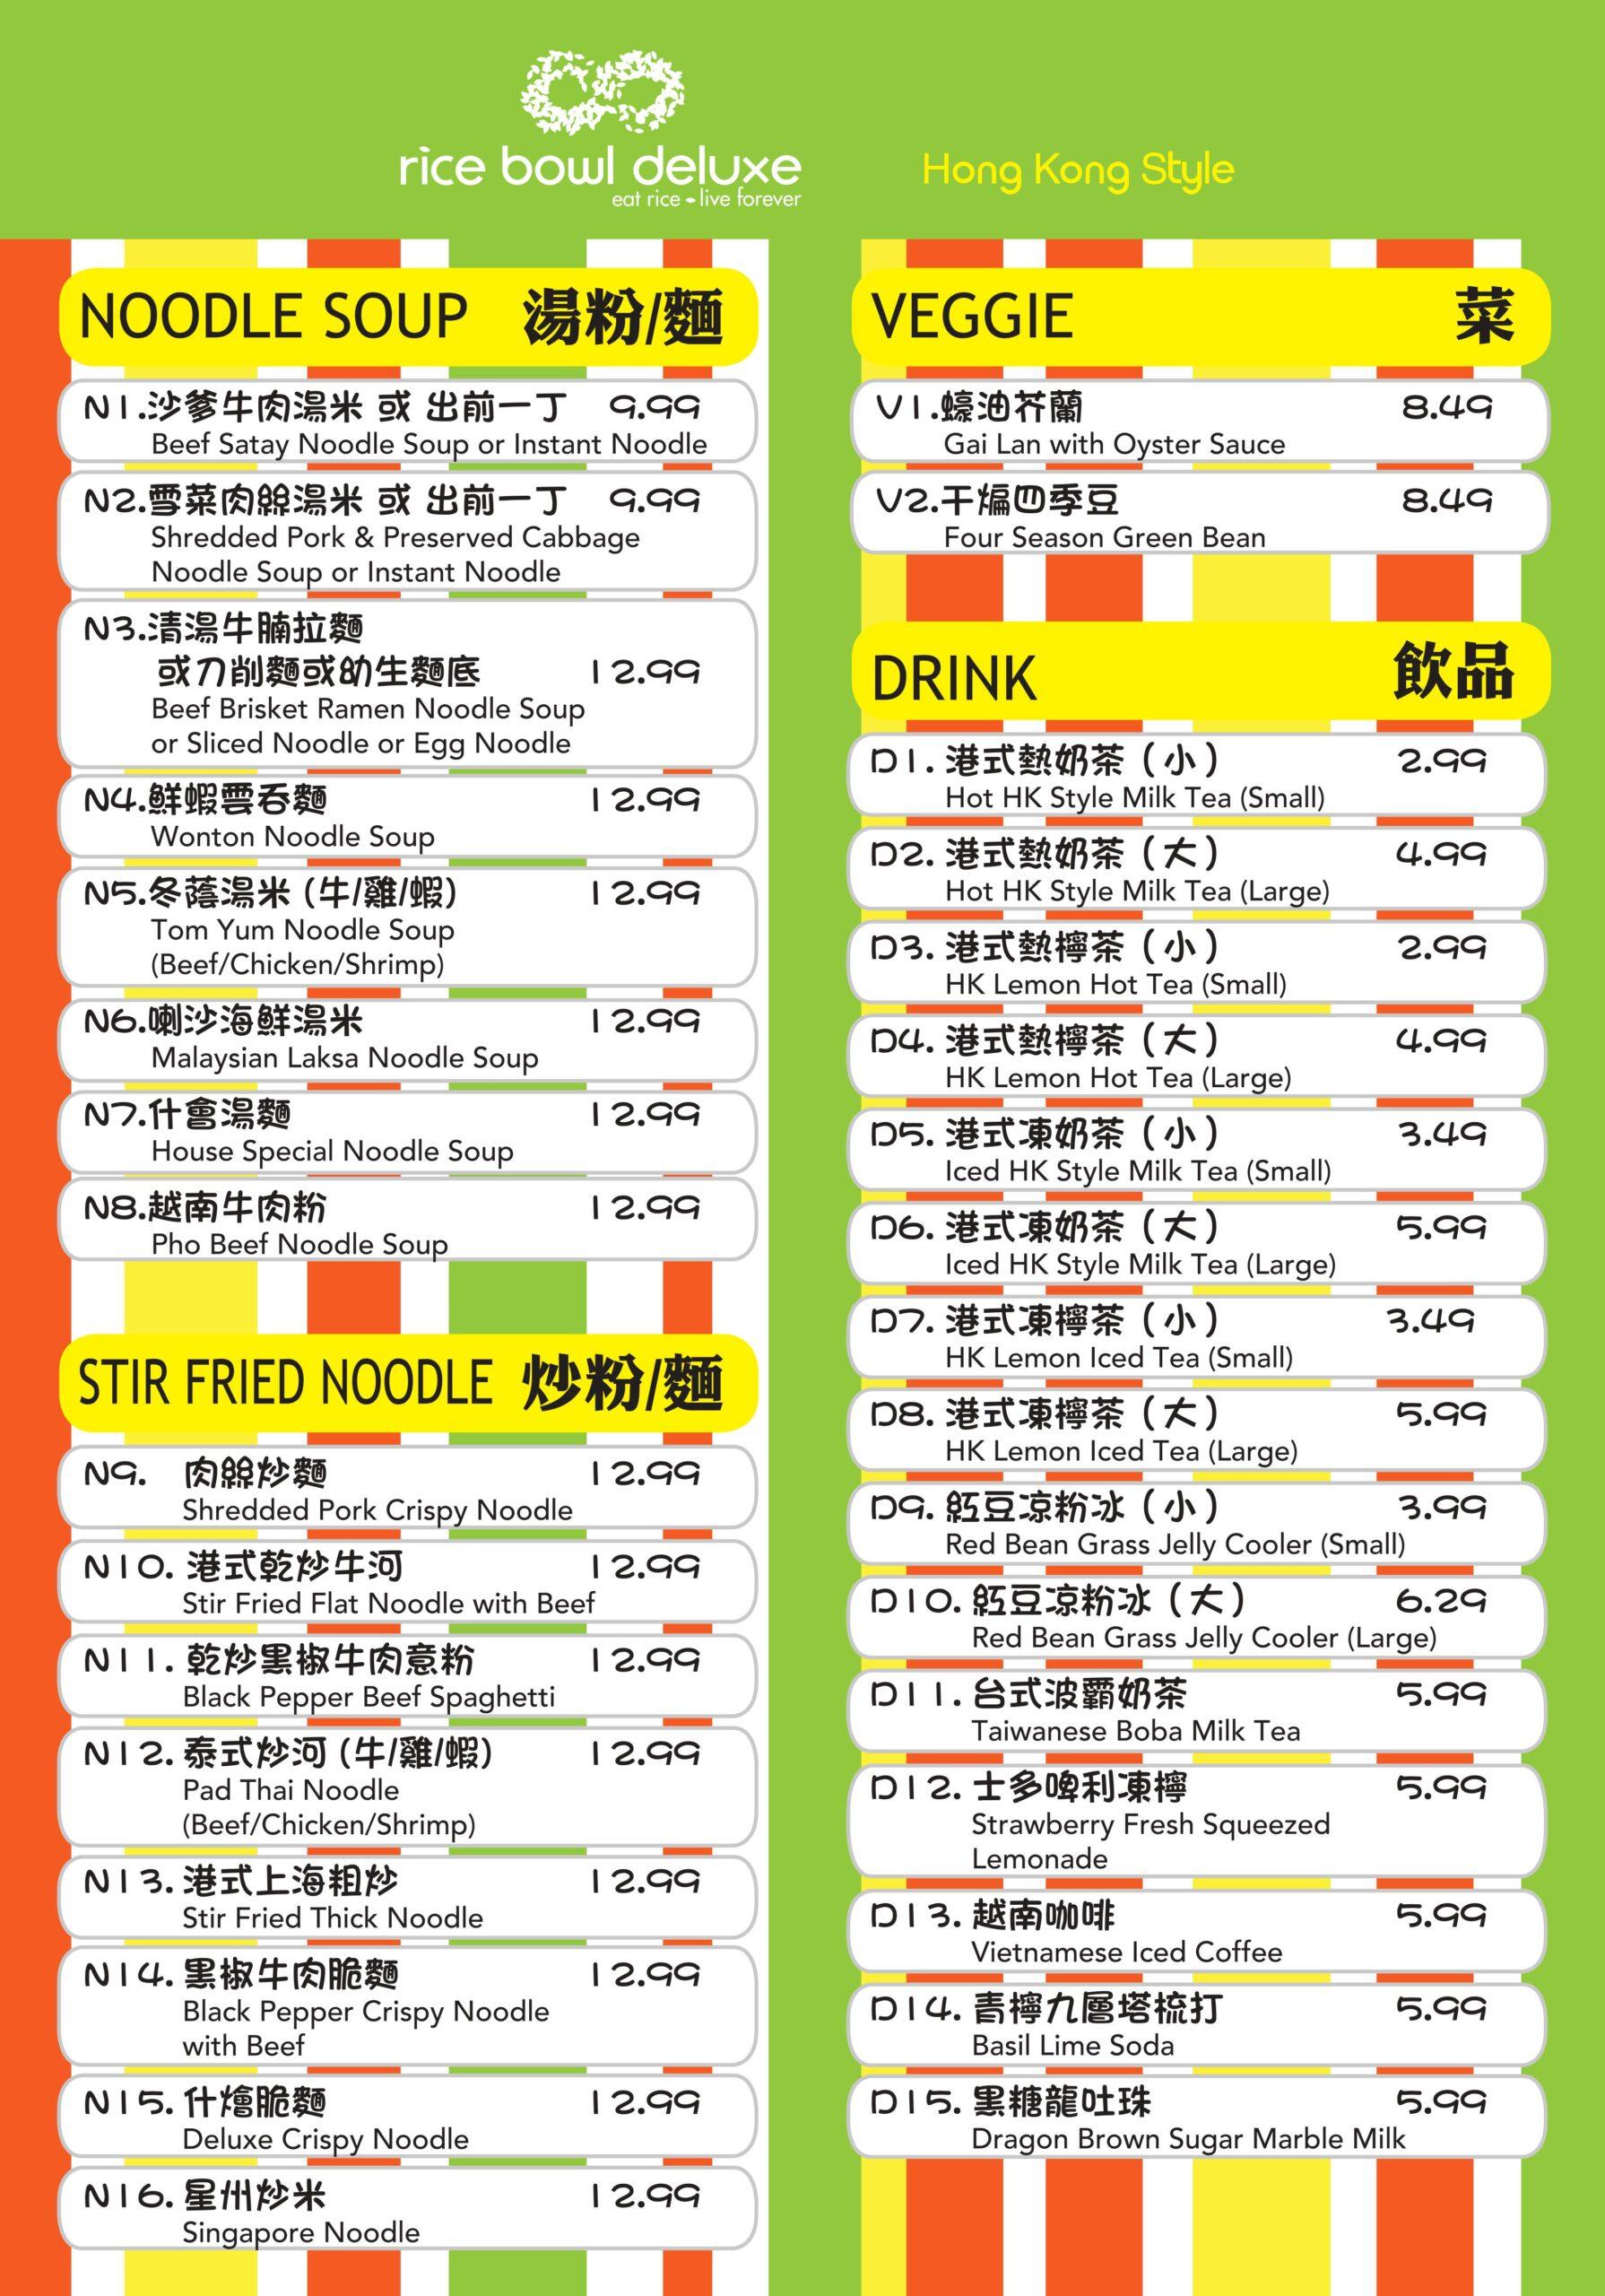 Rice Bowl HK Menu Part 2